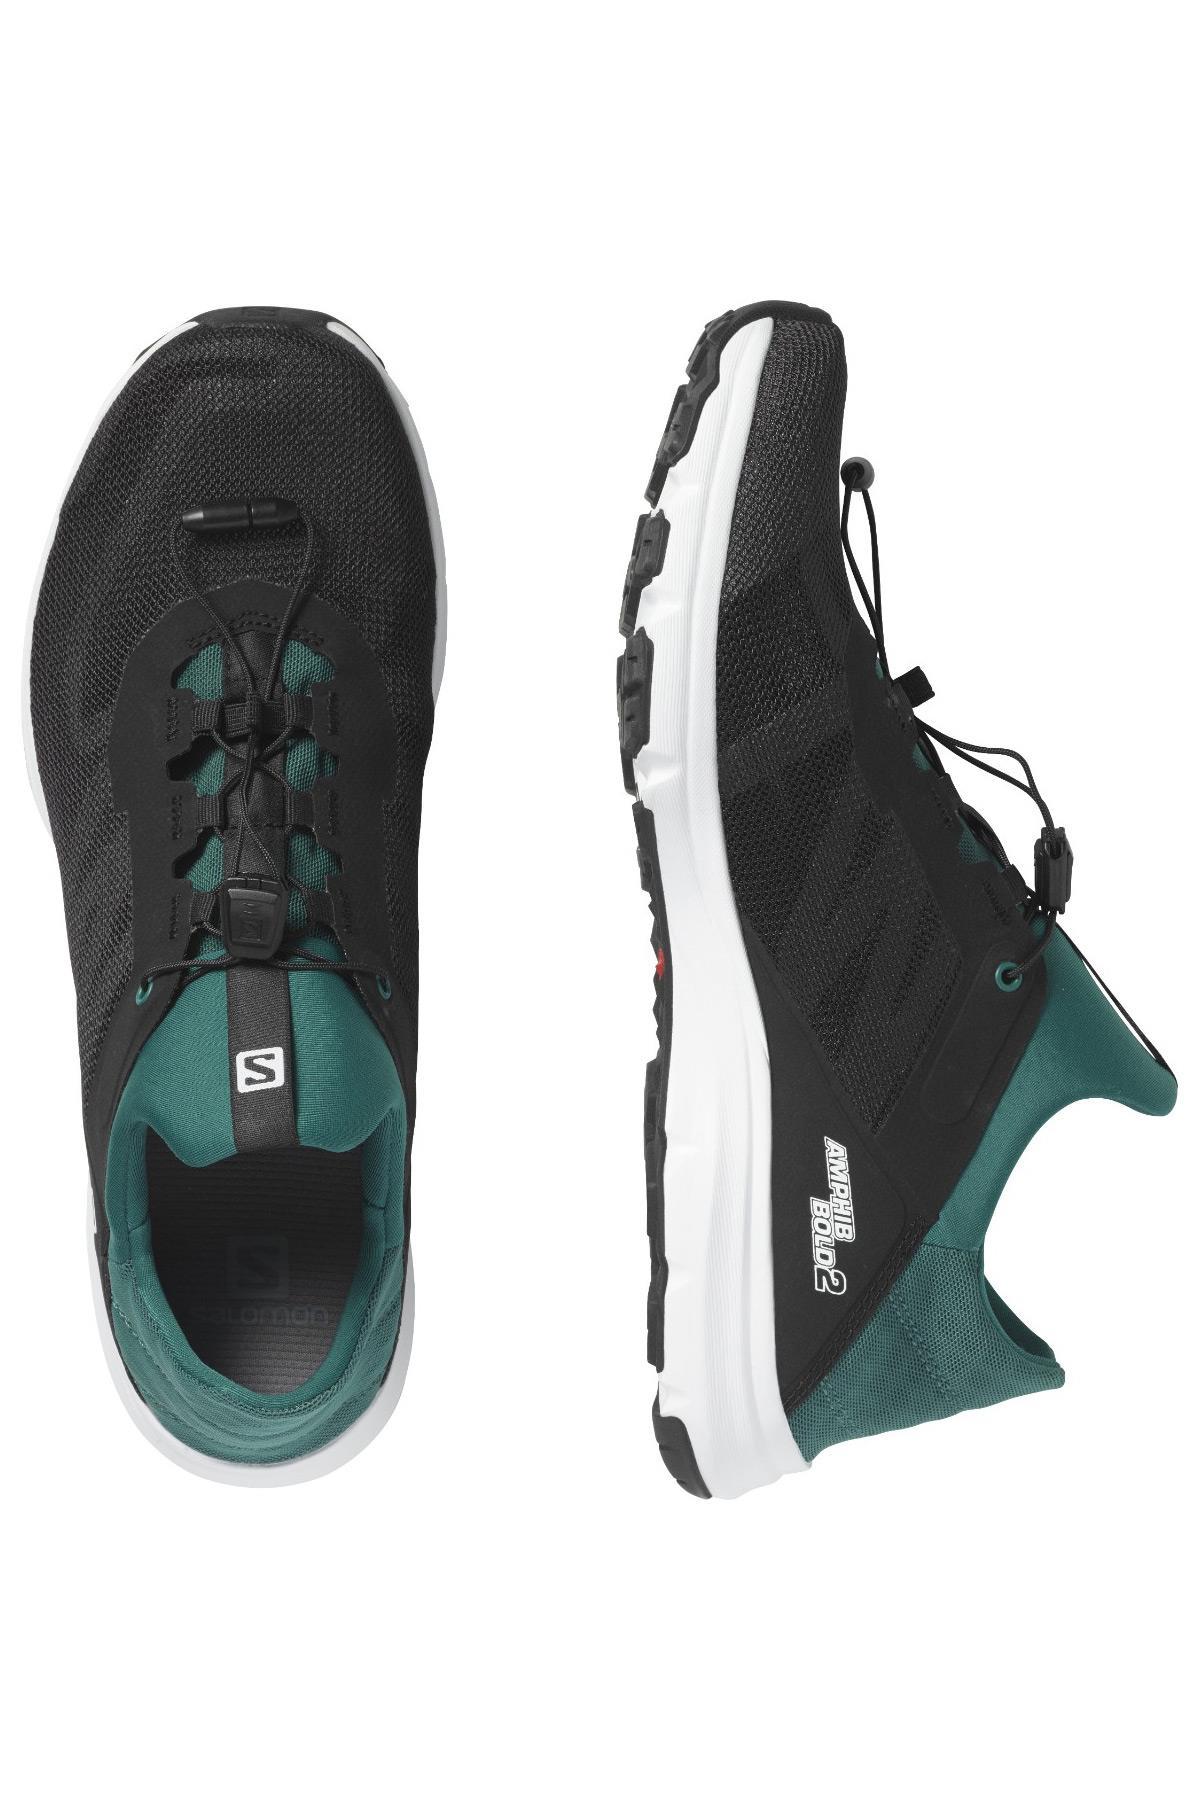 Salomon AMPHIB BOLD 2 Erkek Ayakkabısı L41304000